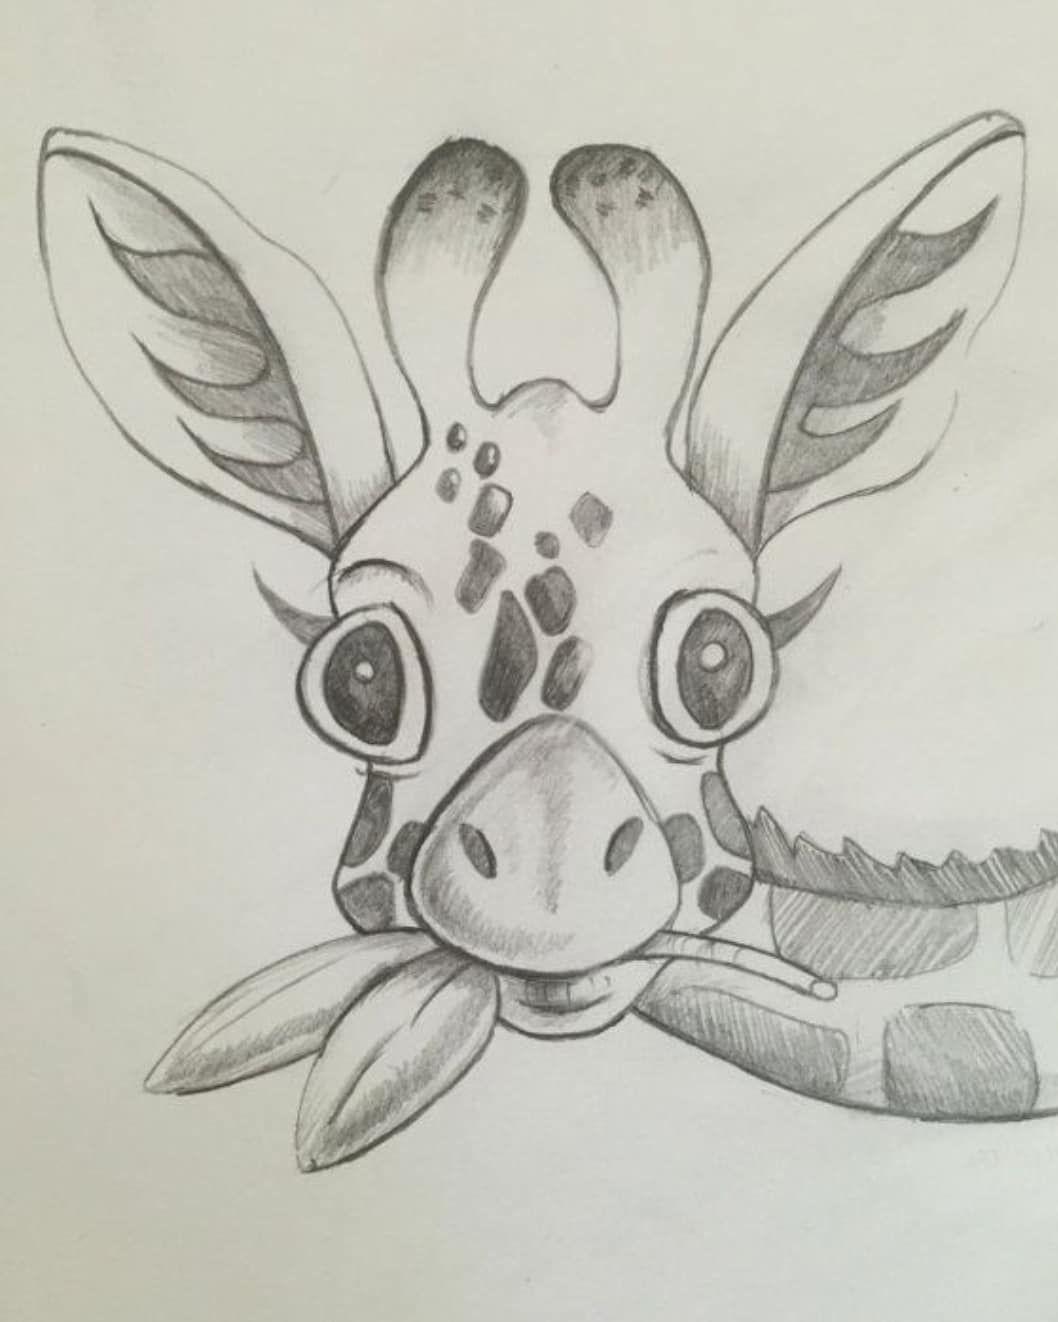 Открытки, прикольные рисунки карандашом животных